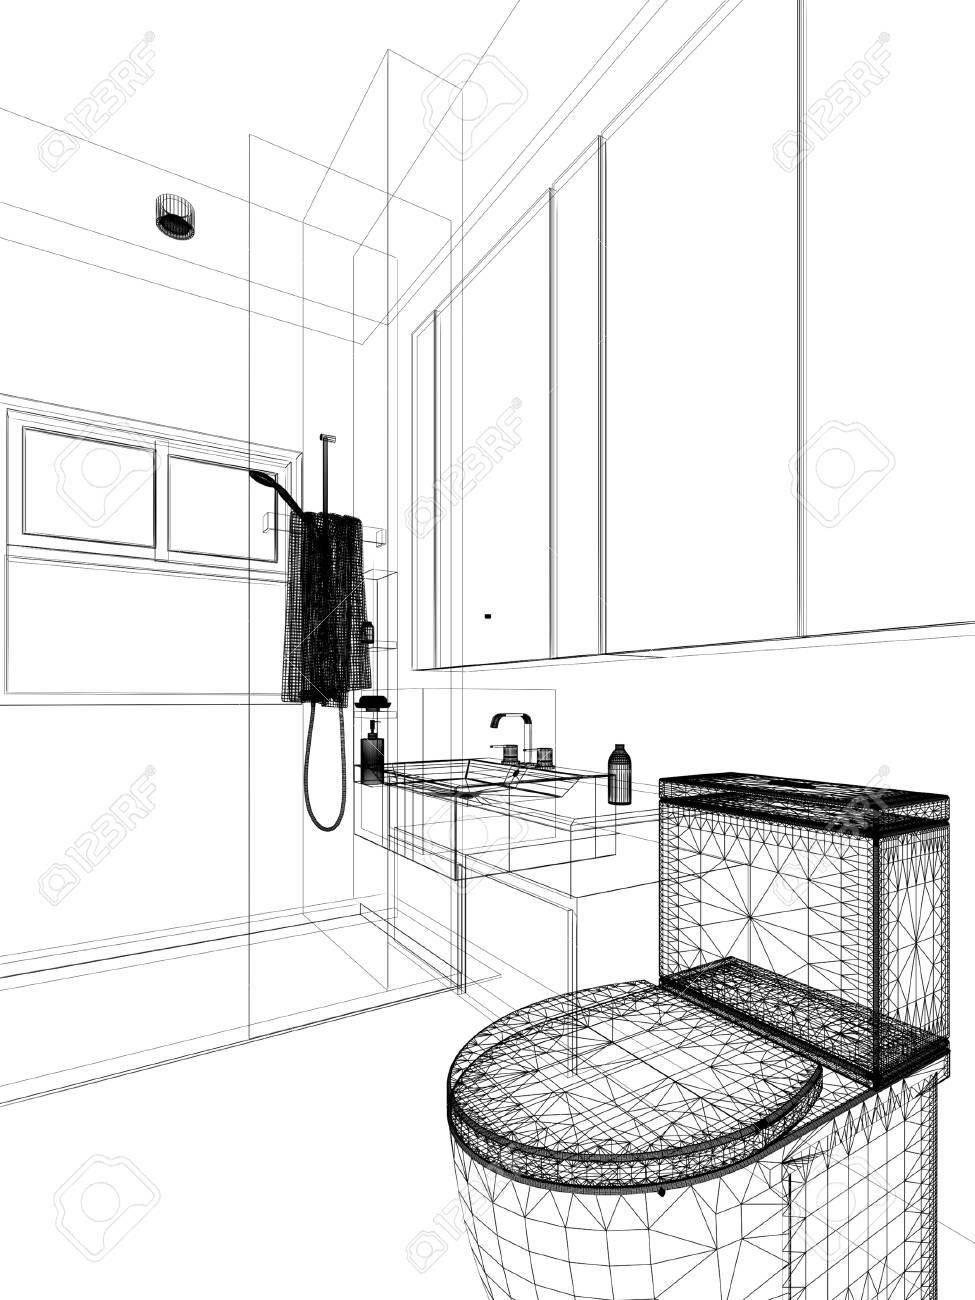 Dessin Salle De Bain dessin abstrait de la salle de bain intérieure